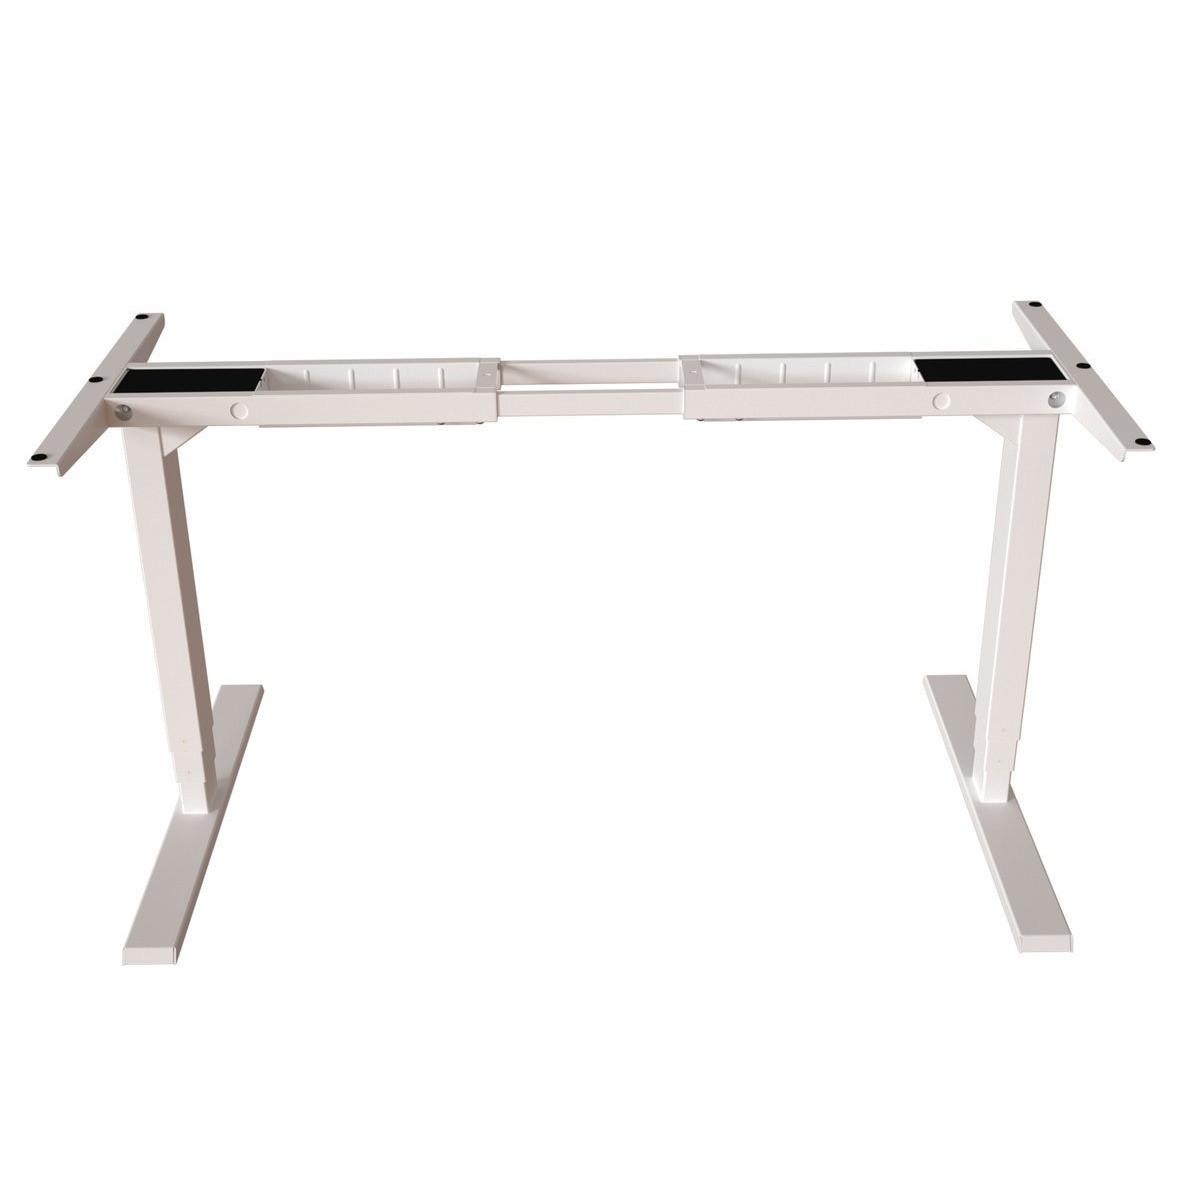 Ergo sähkösäätöpöydän jalat valkoinen